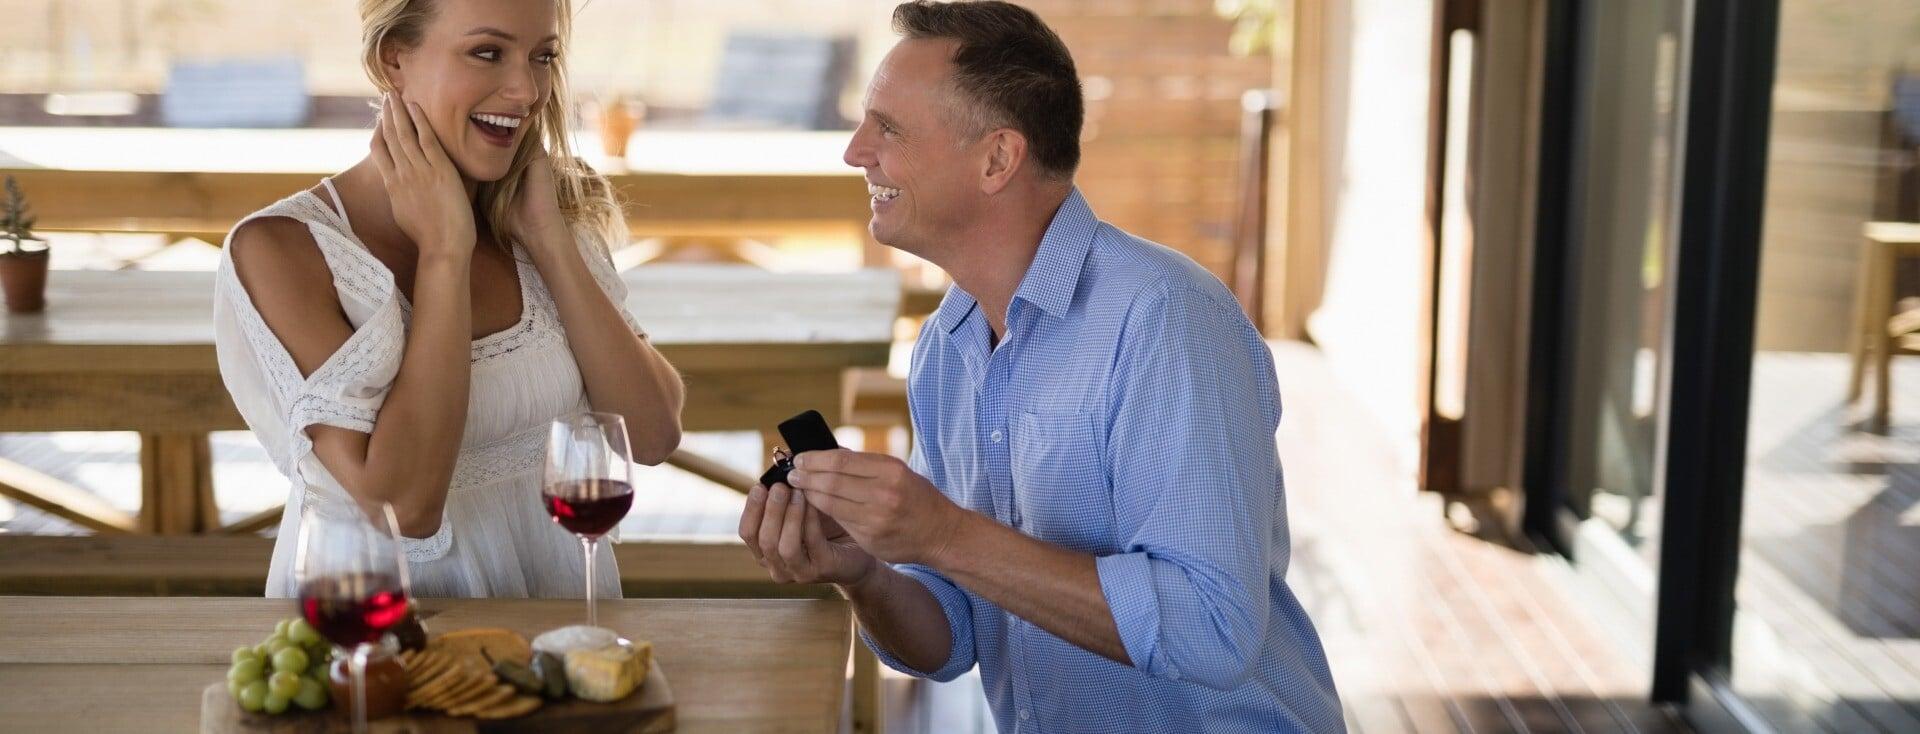 Quelle est la meilleure façon d'offrir un bijou à une femme ?